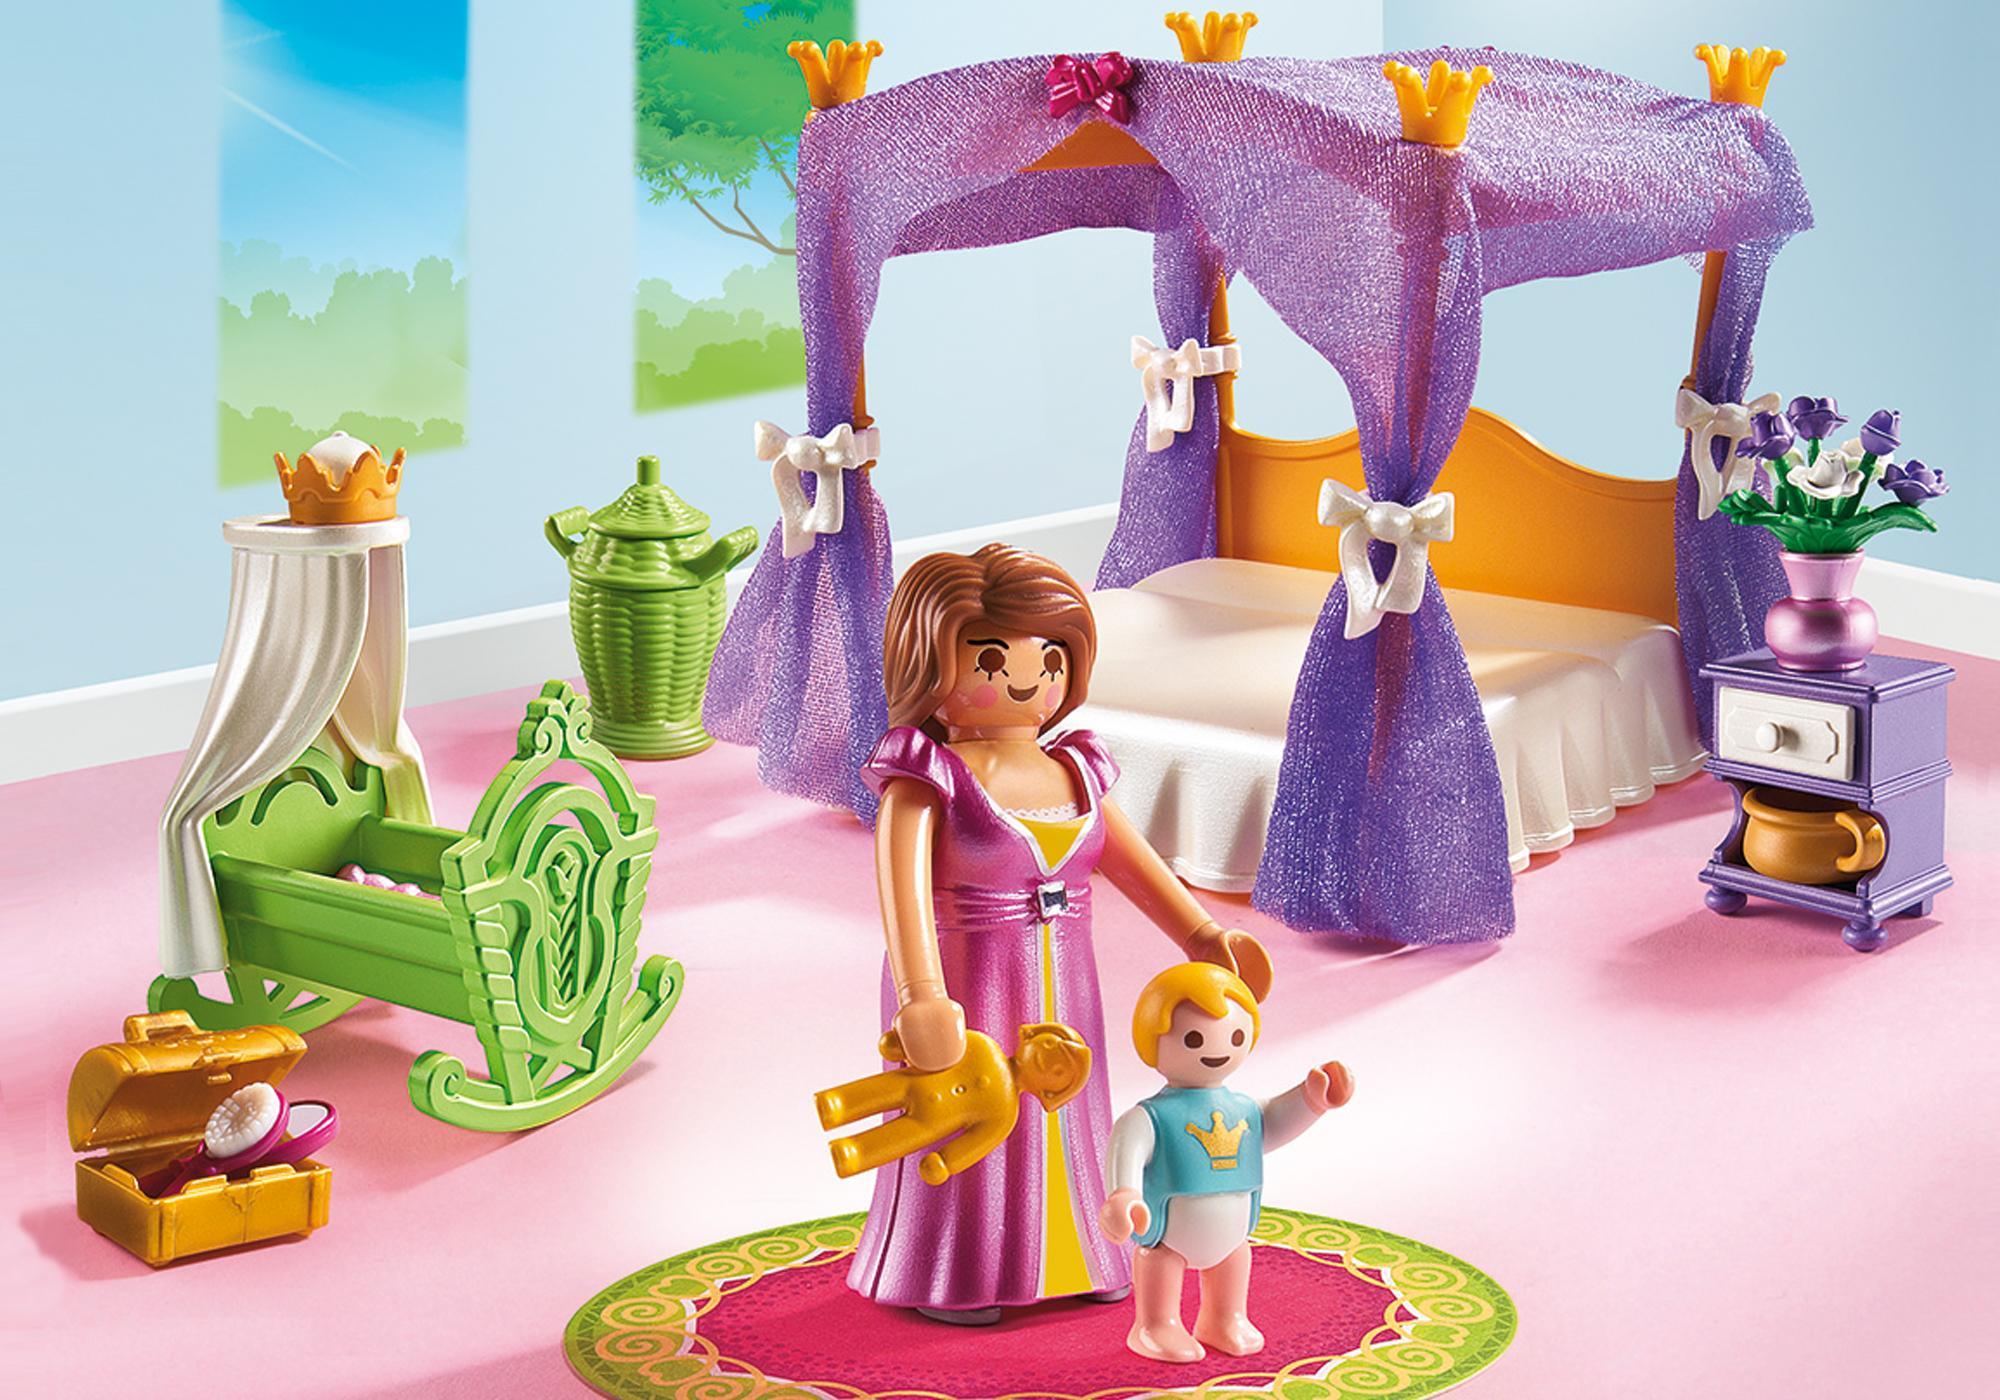 http://media.playmobil.com/i/playmobil/6851_product_detail/Замок Принцессы: Покои Принцессы с колыбелью